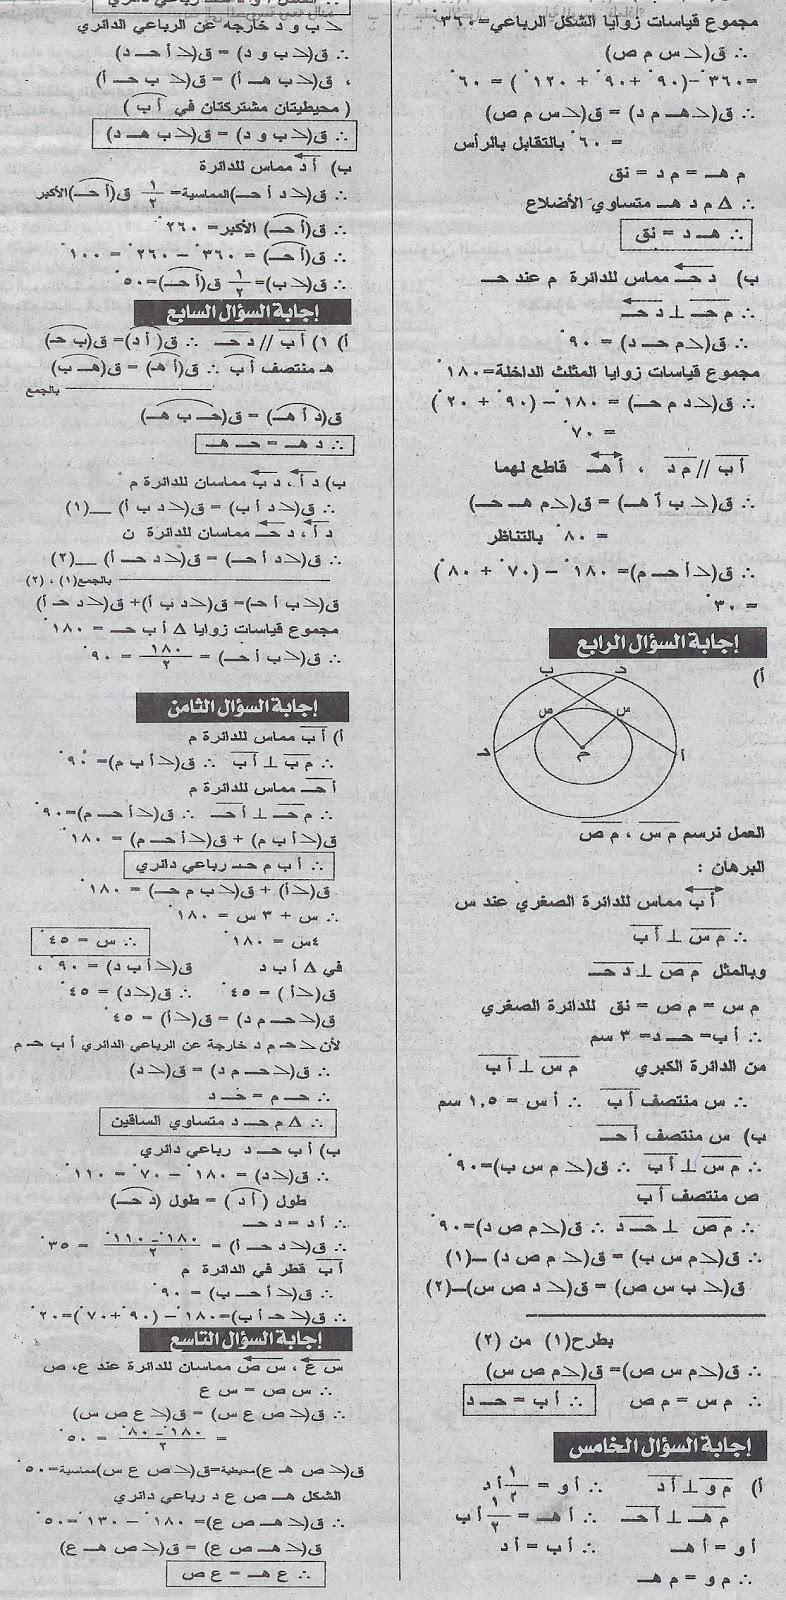 الاسئلة المتوقعة فى الهندسة واجاباتها النموذجية للشهادة الاعدادية الترم الثانى مصر scan0005.jpg